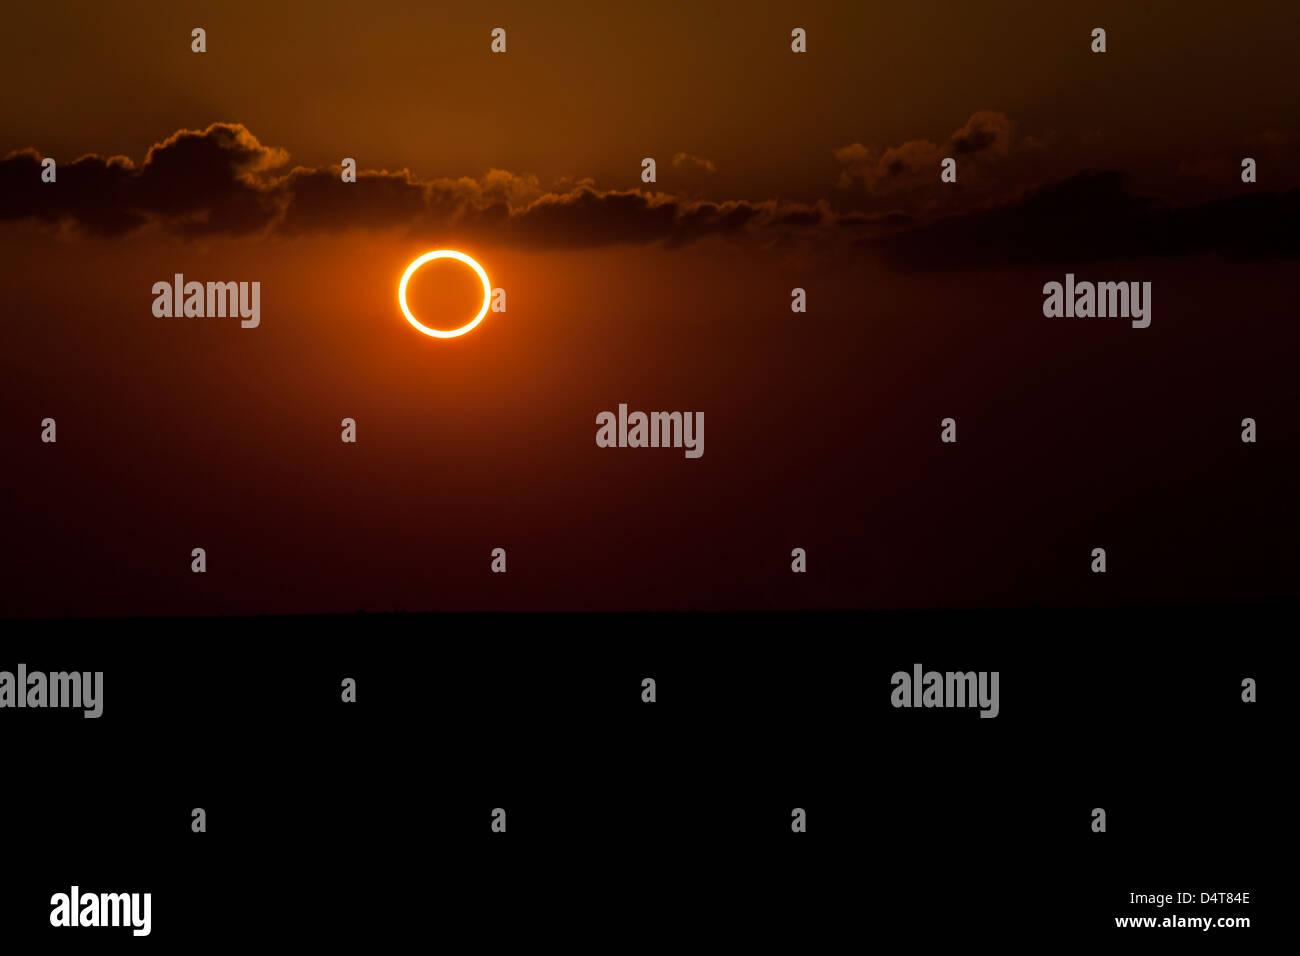 Totalität während ringförmige Sonnenfinsternis mit Ring des Feuers. Stockbild